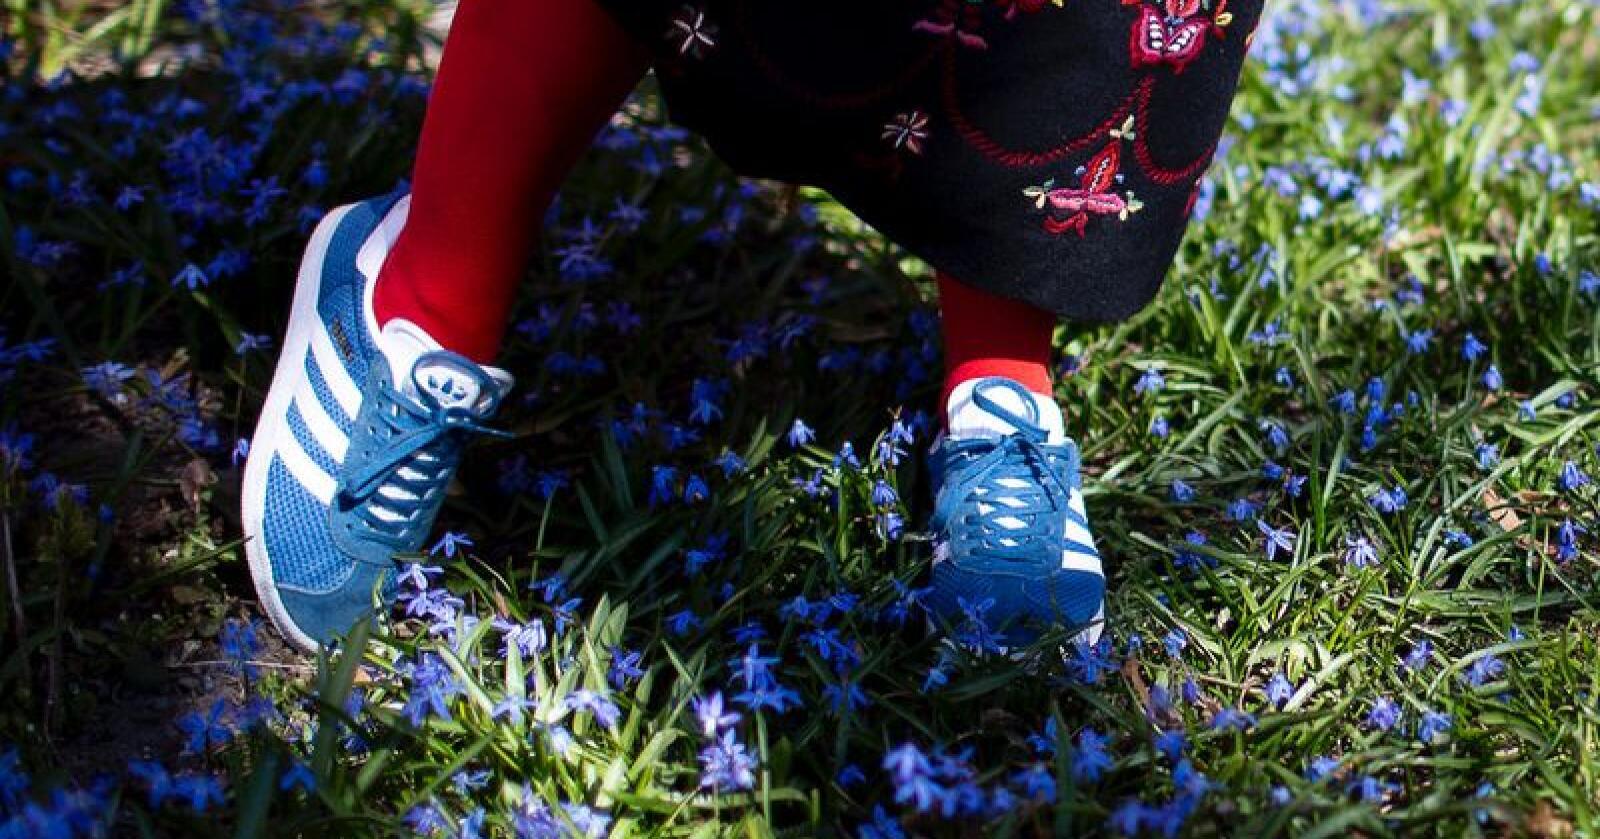 Kan joggesko brukast til bunaden? Ja, meiner Noregs Ungdomslag. Foto: Hedvig Ølmheim